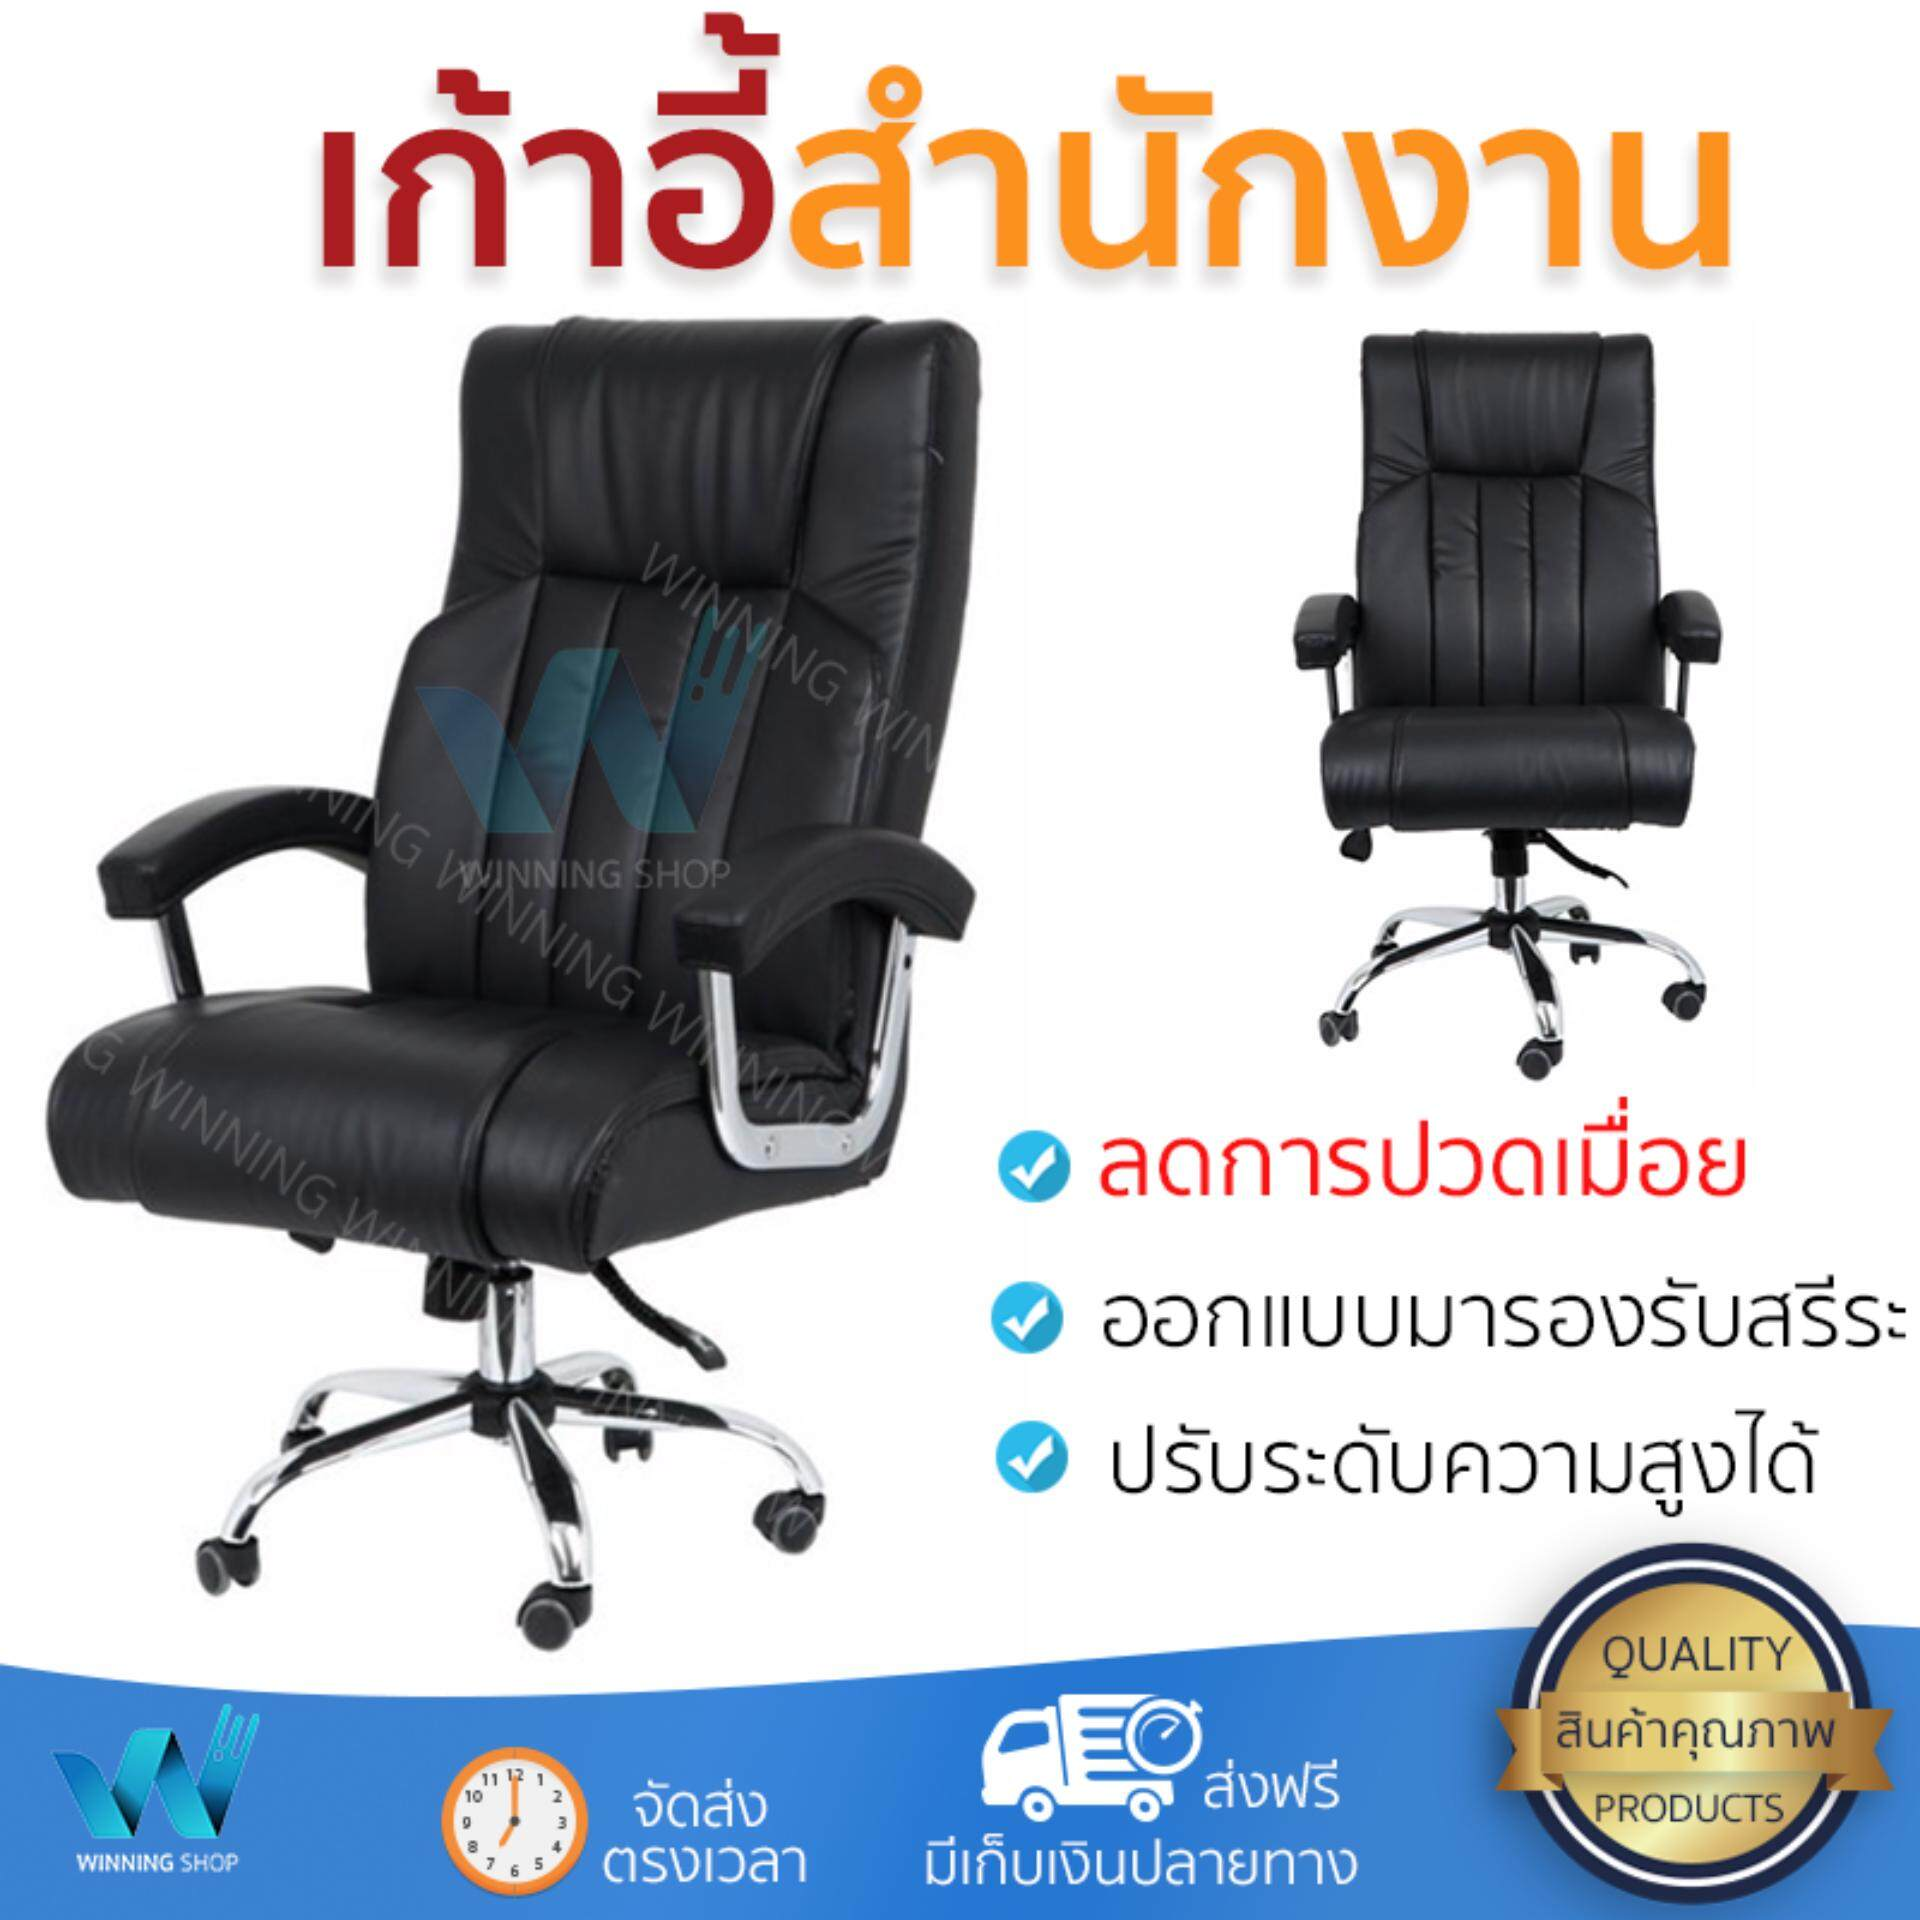 สุดยอดสินค้า!! ราคาพิเศษ เก้าอี้ทำงาน เก้าอี้สำนักงาน เก้าอี้สำนักงาน CHIRSTOPHER WK-301 PVCดำ | BCF | WK-301 ลดอาการปวดเมื่อยลำคอและไหล่ เบาะนุ่มกำลังดี นั่งสบาย ไม่อึดอัด ปรับระดับความสูงได้ Office